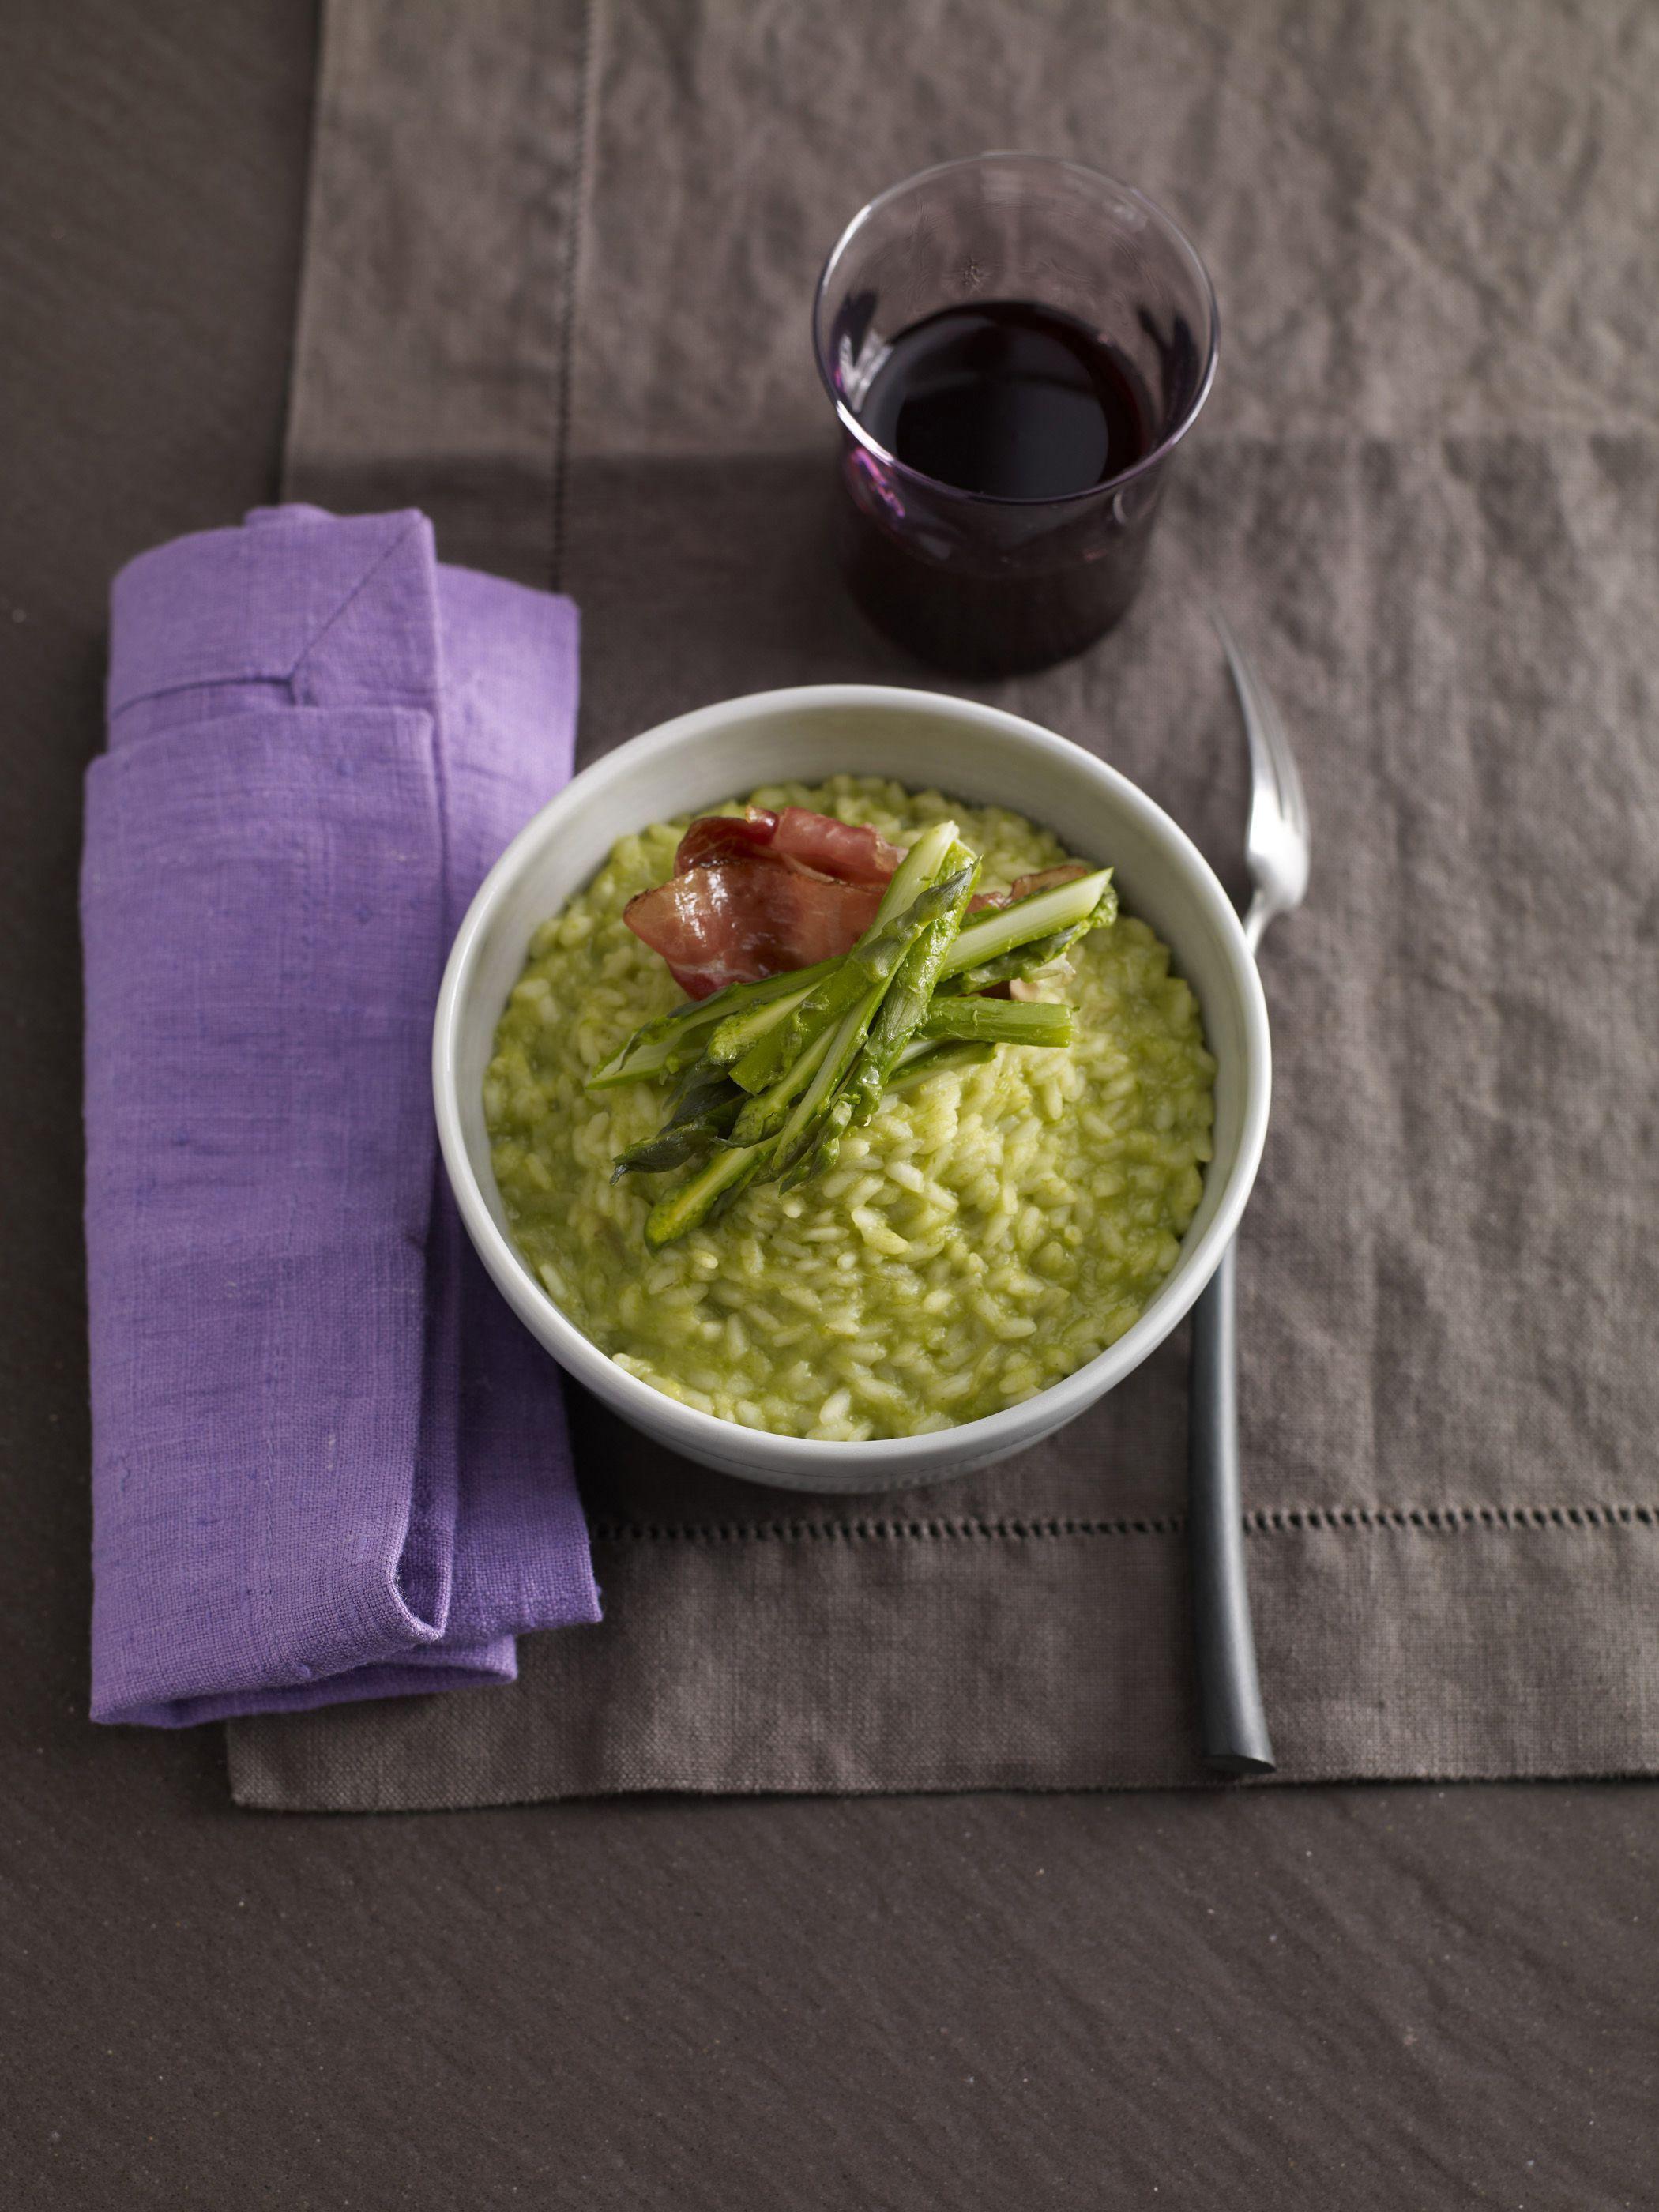 Tante idee per cucinare al meglio il tuo risotto. Guarda lo speciale ...